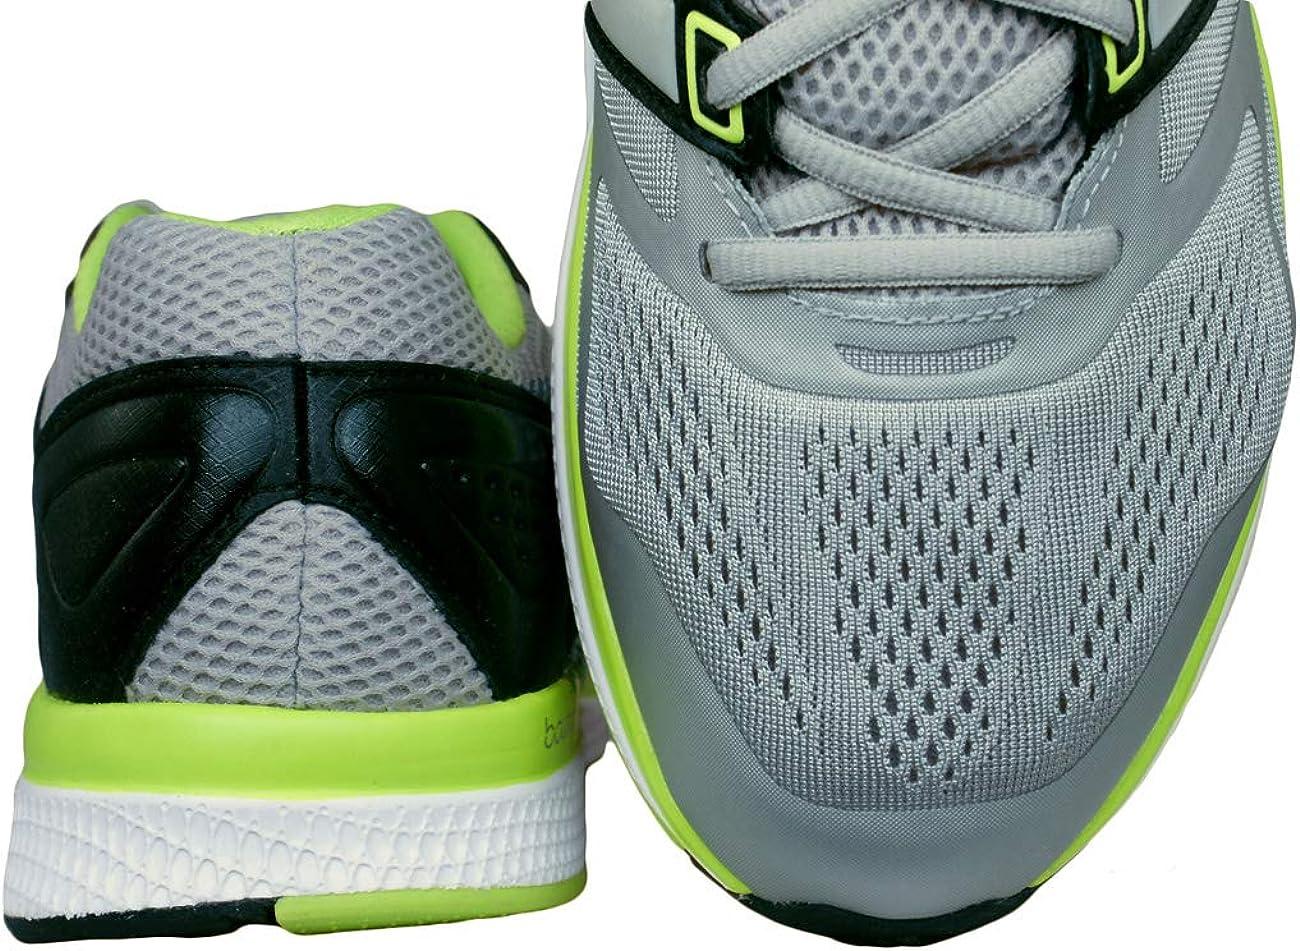 sombrero Reembolso pase a ver  adidas Nova Bounce Hombre Zapatillas de Deporte Corrientes/Zapatos:  Amazon.es: Zapatos y complementos